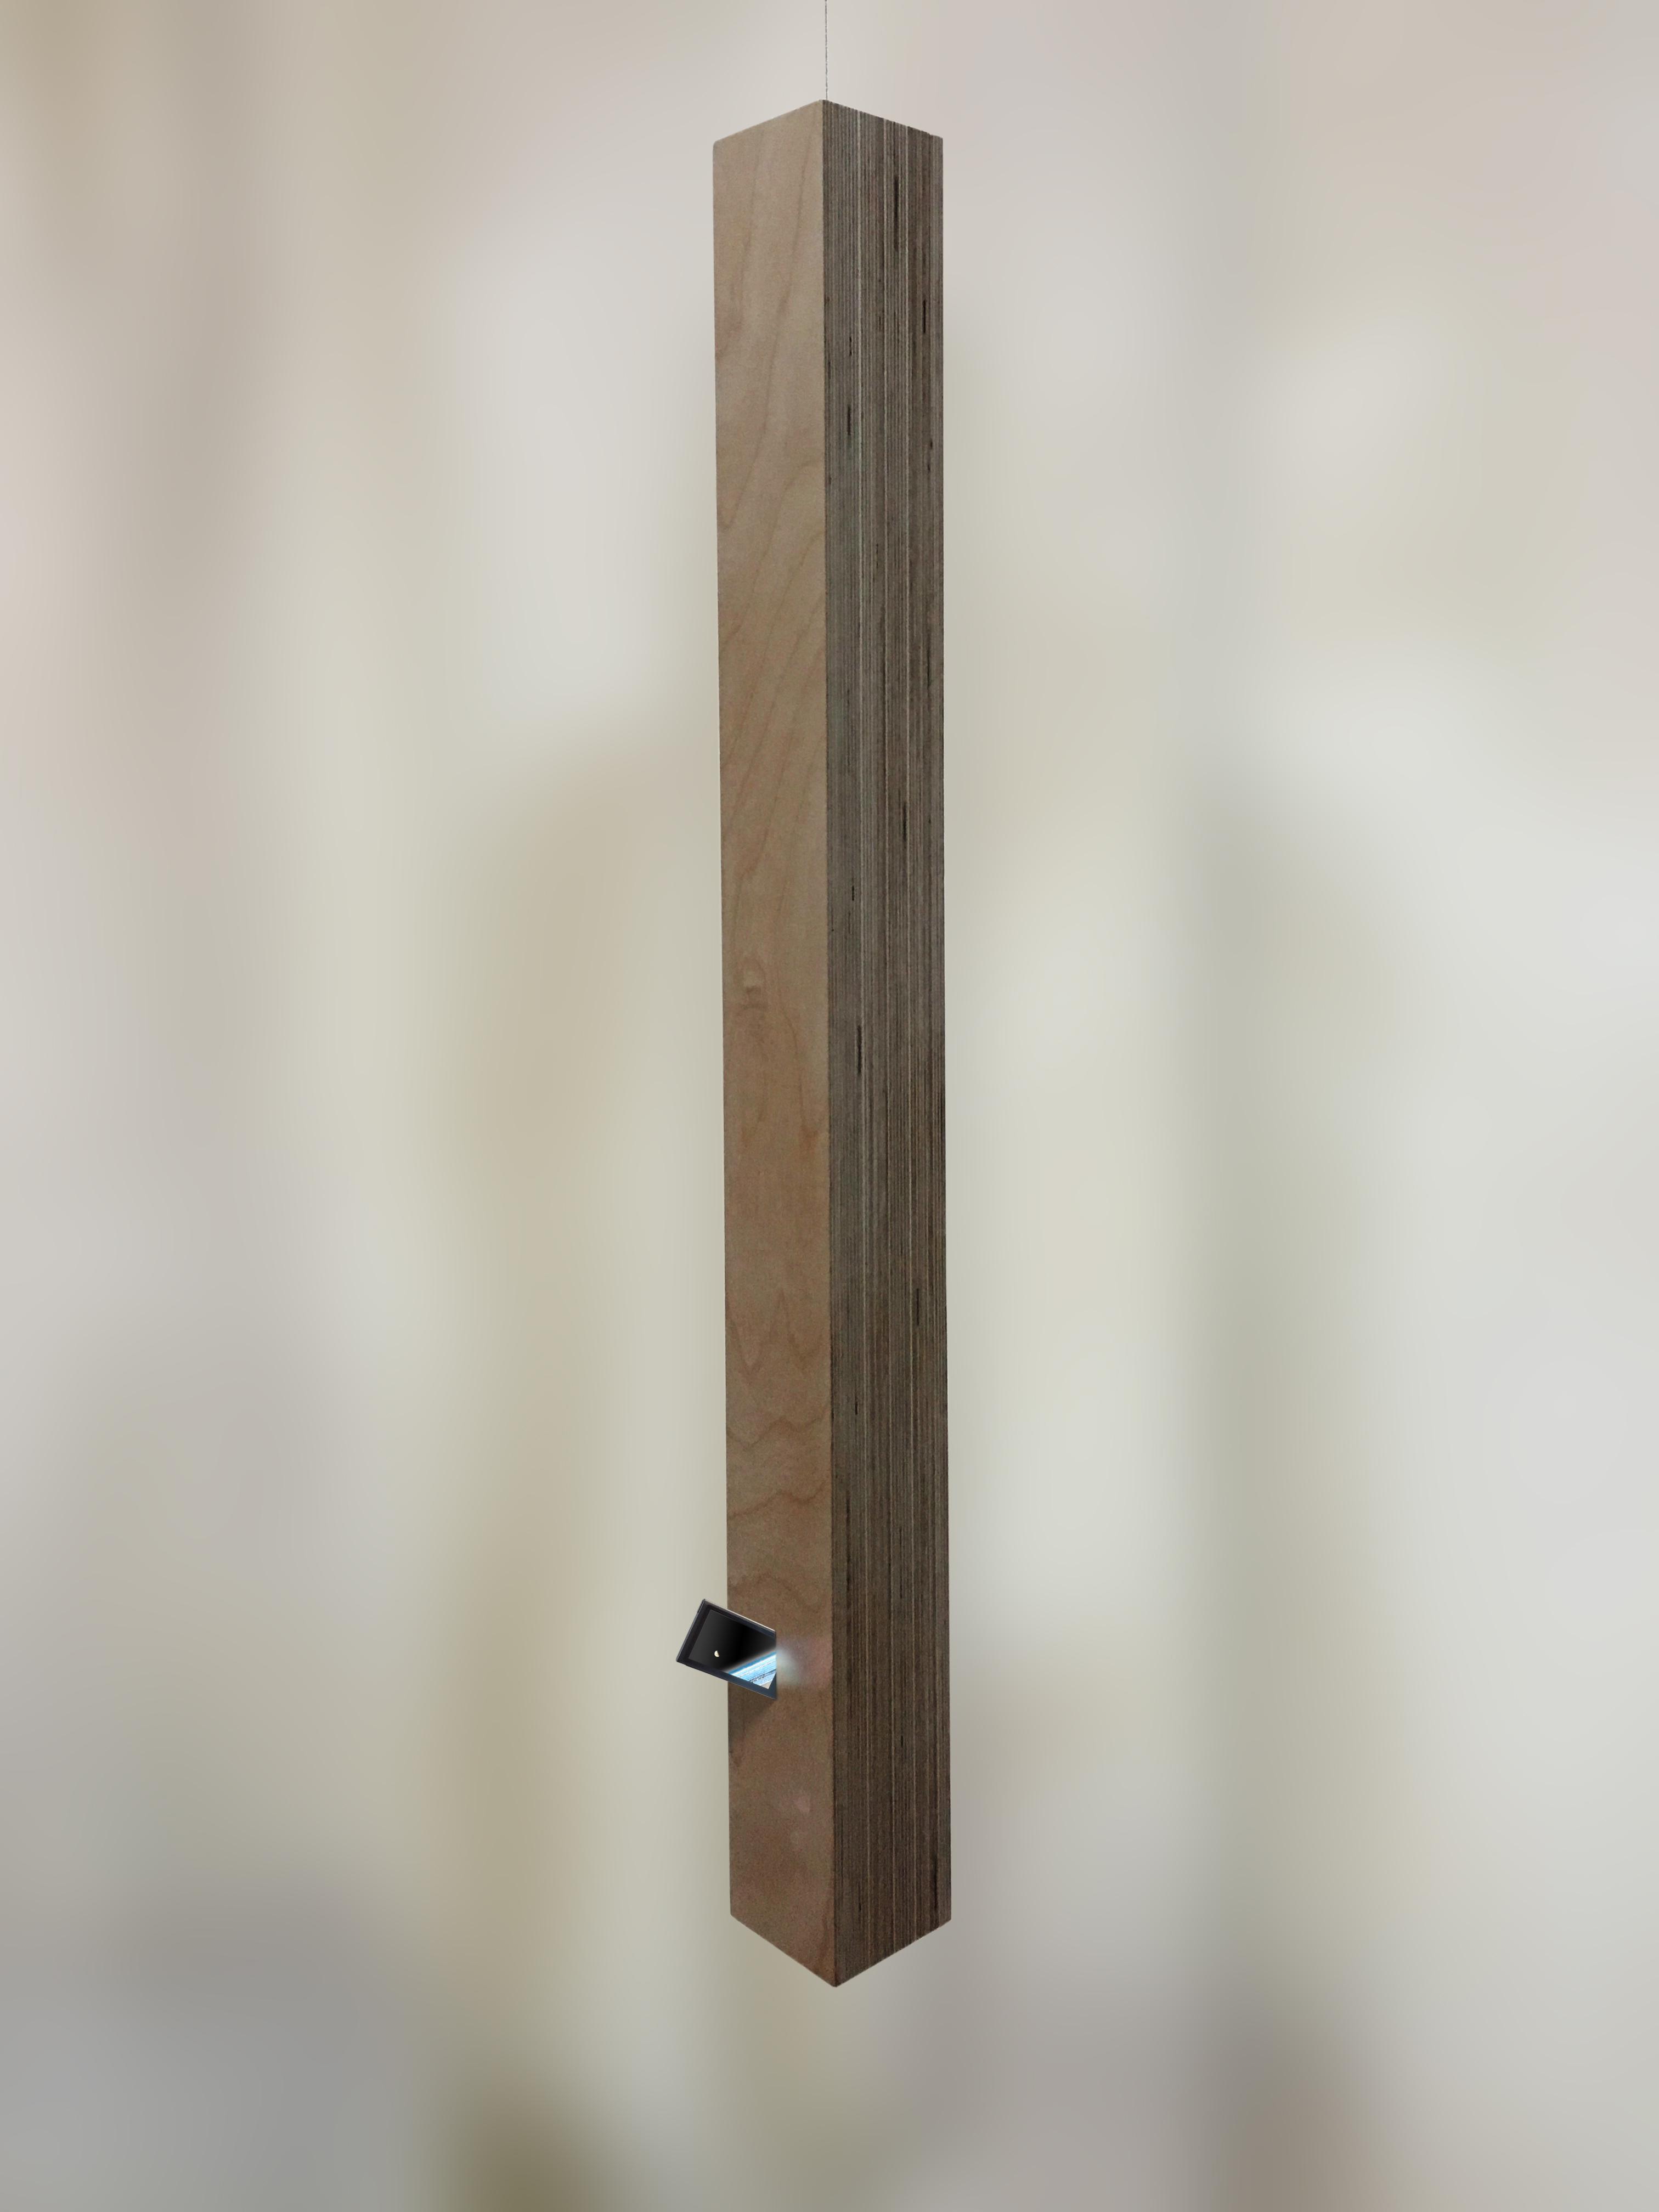 [꽂히다][Stuck] 10x10x100Cm 자작나무합성목,아이팟. 2015